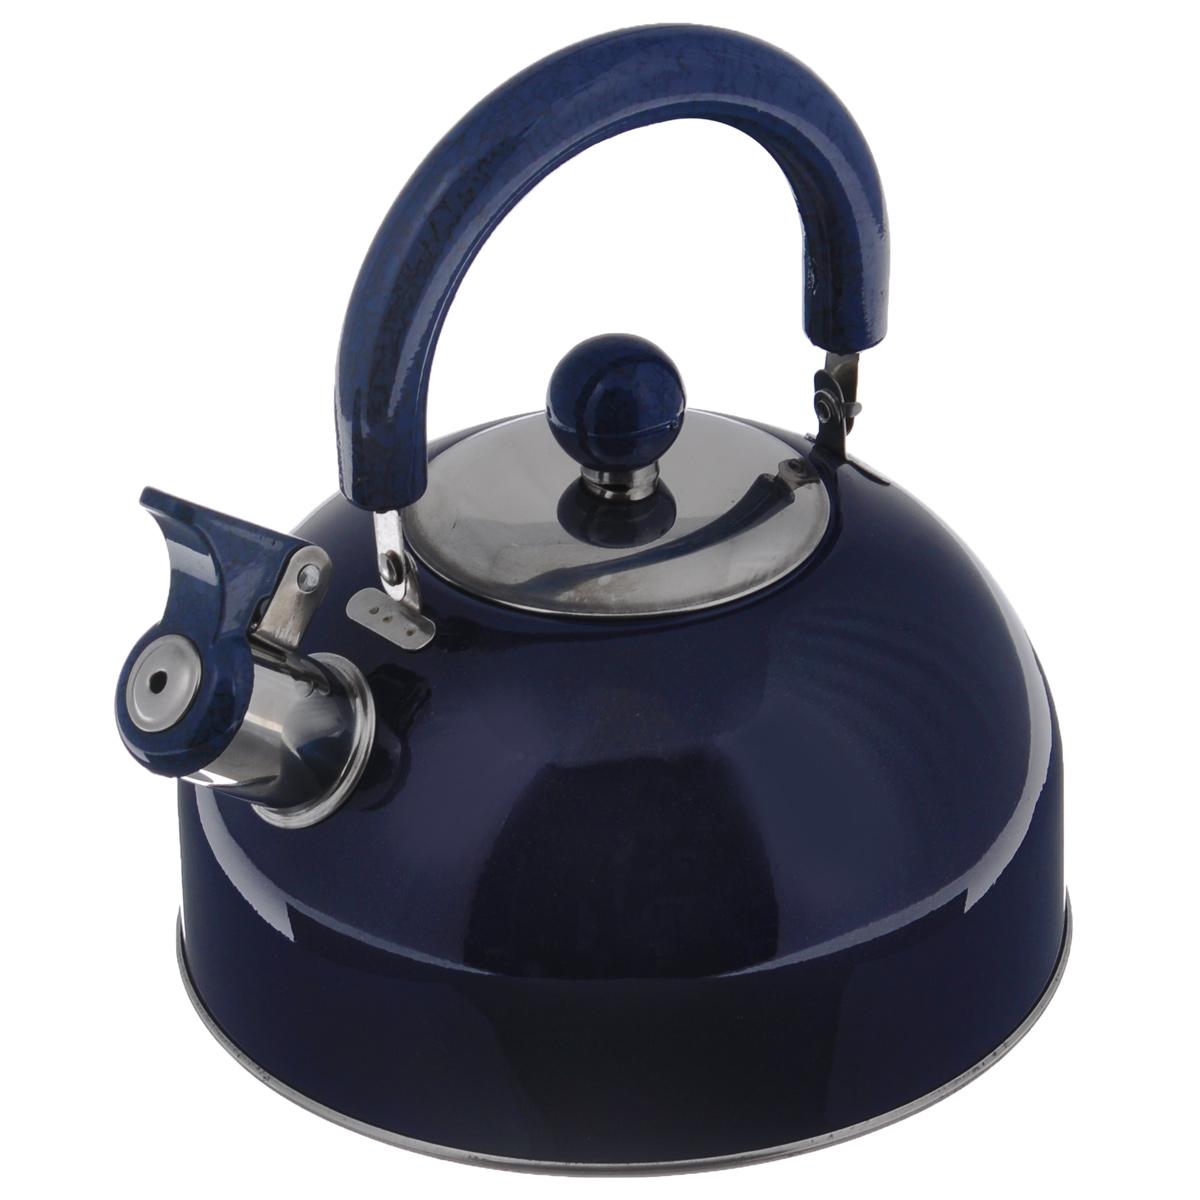 Чайник Mayer & Boch Modern со свистком, цвет: синий, 2 л. МВ-3226МВ-3226Чайник Mayer & Boch Modern изготовлен из высококачественной нержавеющей стали. Гладкая и ровная поверхность существенно облегчает уход. Чайник оснащен удобной нейлоновой ручкой, которая не нагревается даже при продолжительном периоде нагрева воды. Носик чайника имеет насадку-свисток, что позволит вам контролировать процесс подогрева или кипячения воды. Выполненный из качественных материалов чайник Mayer & Boch Modern при кипячении сохраняет все полезные свойства воды. Чайник пригоден для использования на всех типах плит, кроме индукционных. Можно мыть в посудомоечной машине. Диаметр чайника по верхнему краю: 8,5 см. Диаметр основания: 19 см. Высота чайника (без учета ручки и крышки): 10 см. УВАЖАЕМЫЕ КЛИЕНТЫ! Обращаем ваше внимание на тот факт, что указан максимальный объем чайника с учетом полного наполнения до кромки. Объем чайника с учетом наполнения до уровня носика составляет 1,5 литра.